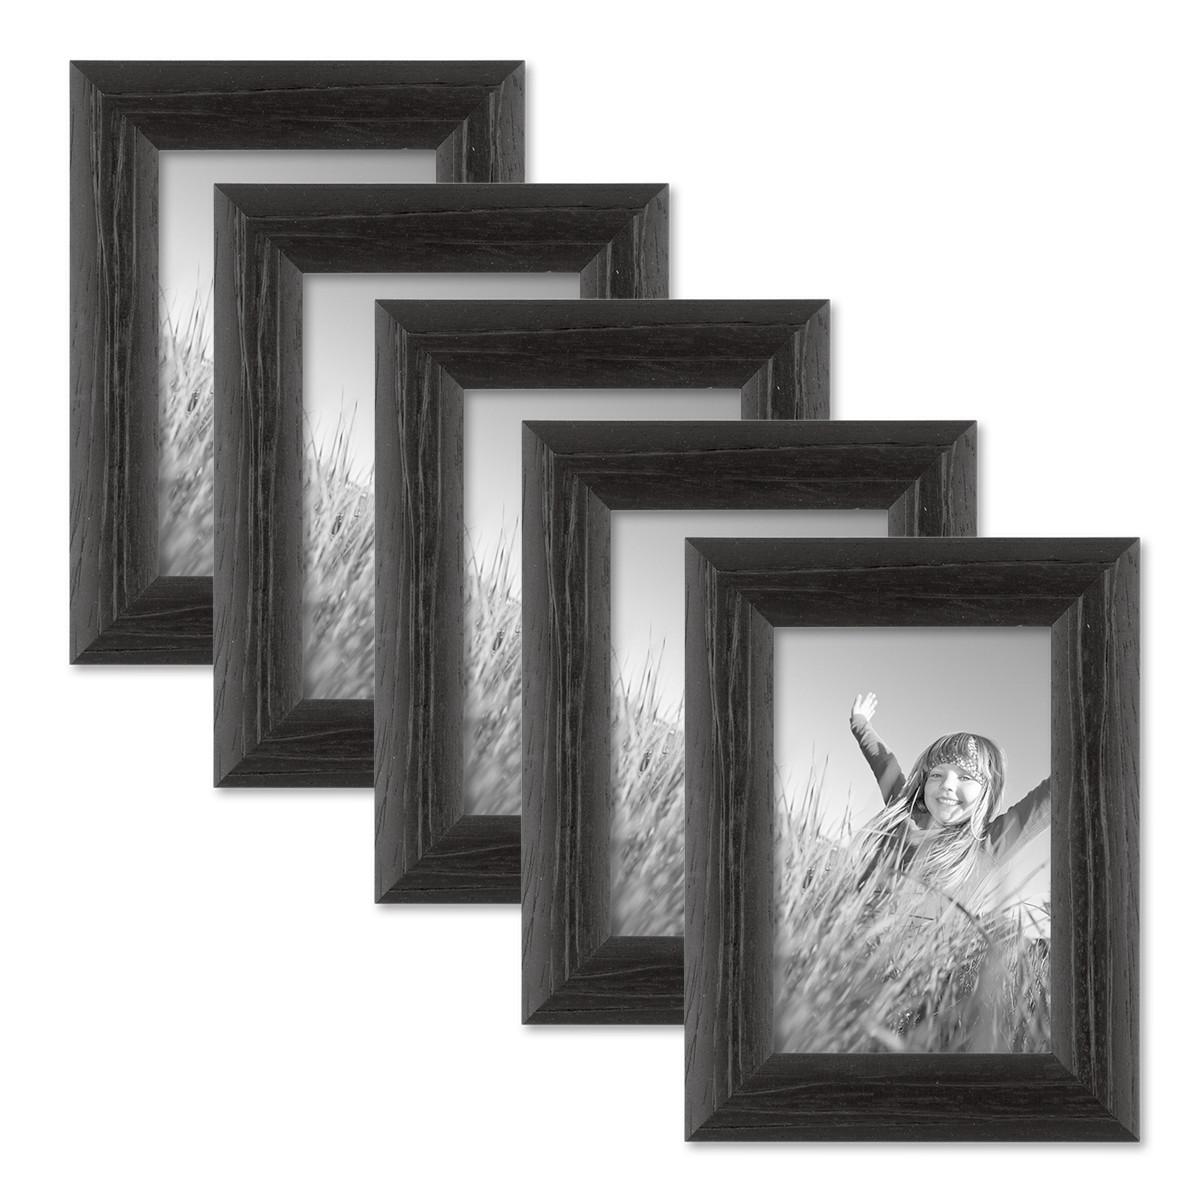 5er set bilderrahmen 10x15 cm schwarz modern massivholz. Black Bedroom Furniture Sets. Home Design Ideas